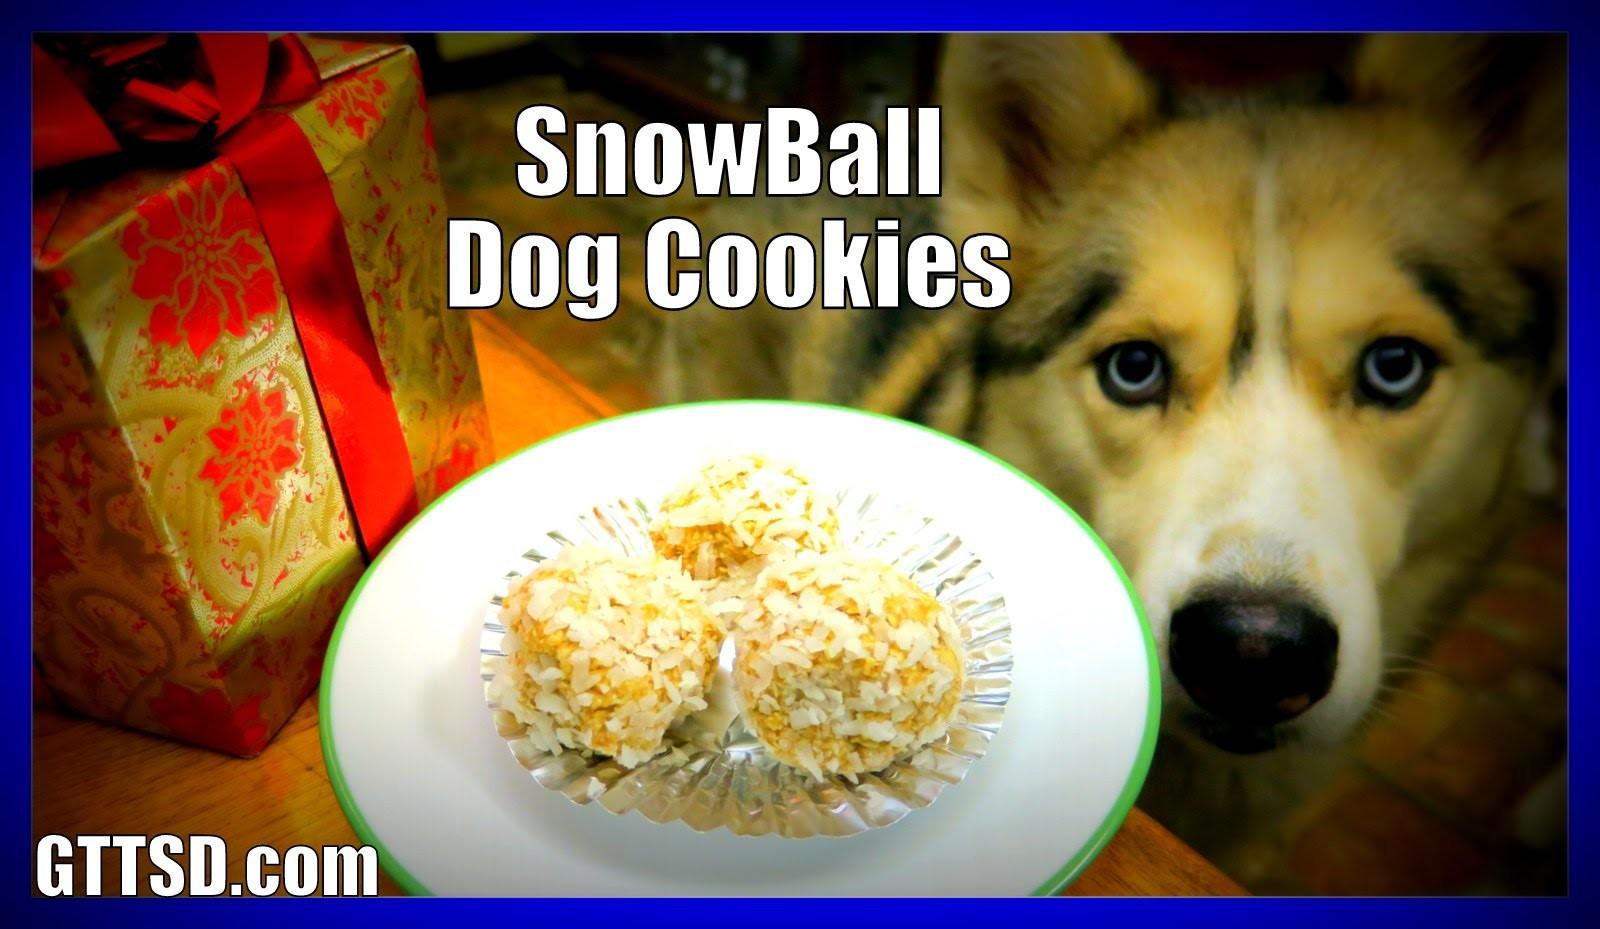 DIY SNOWBALL DOG COOKIES | Snow Dogs Snacks 40 | No Bake Dog Treats for Christmas